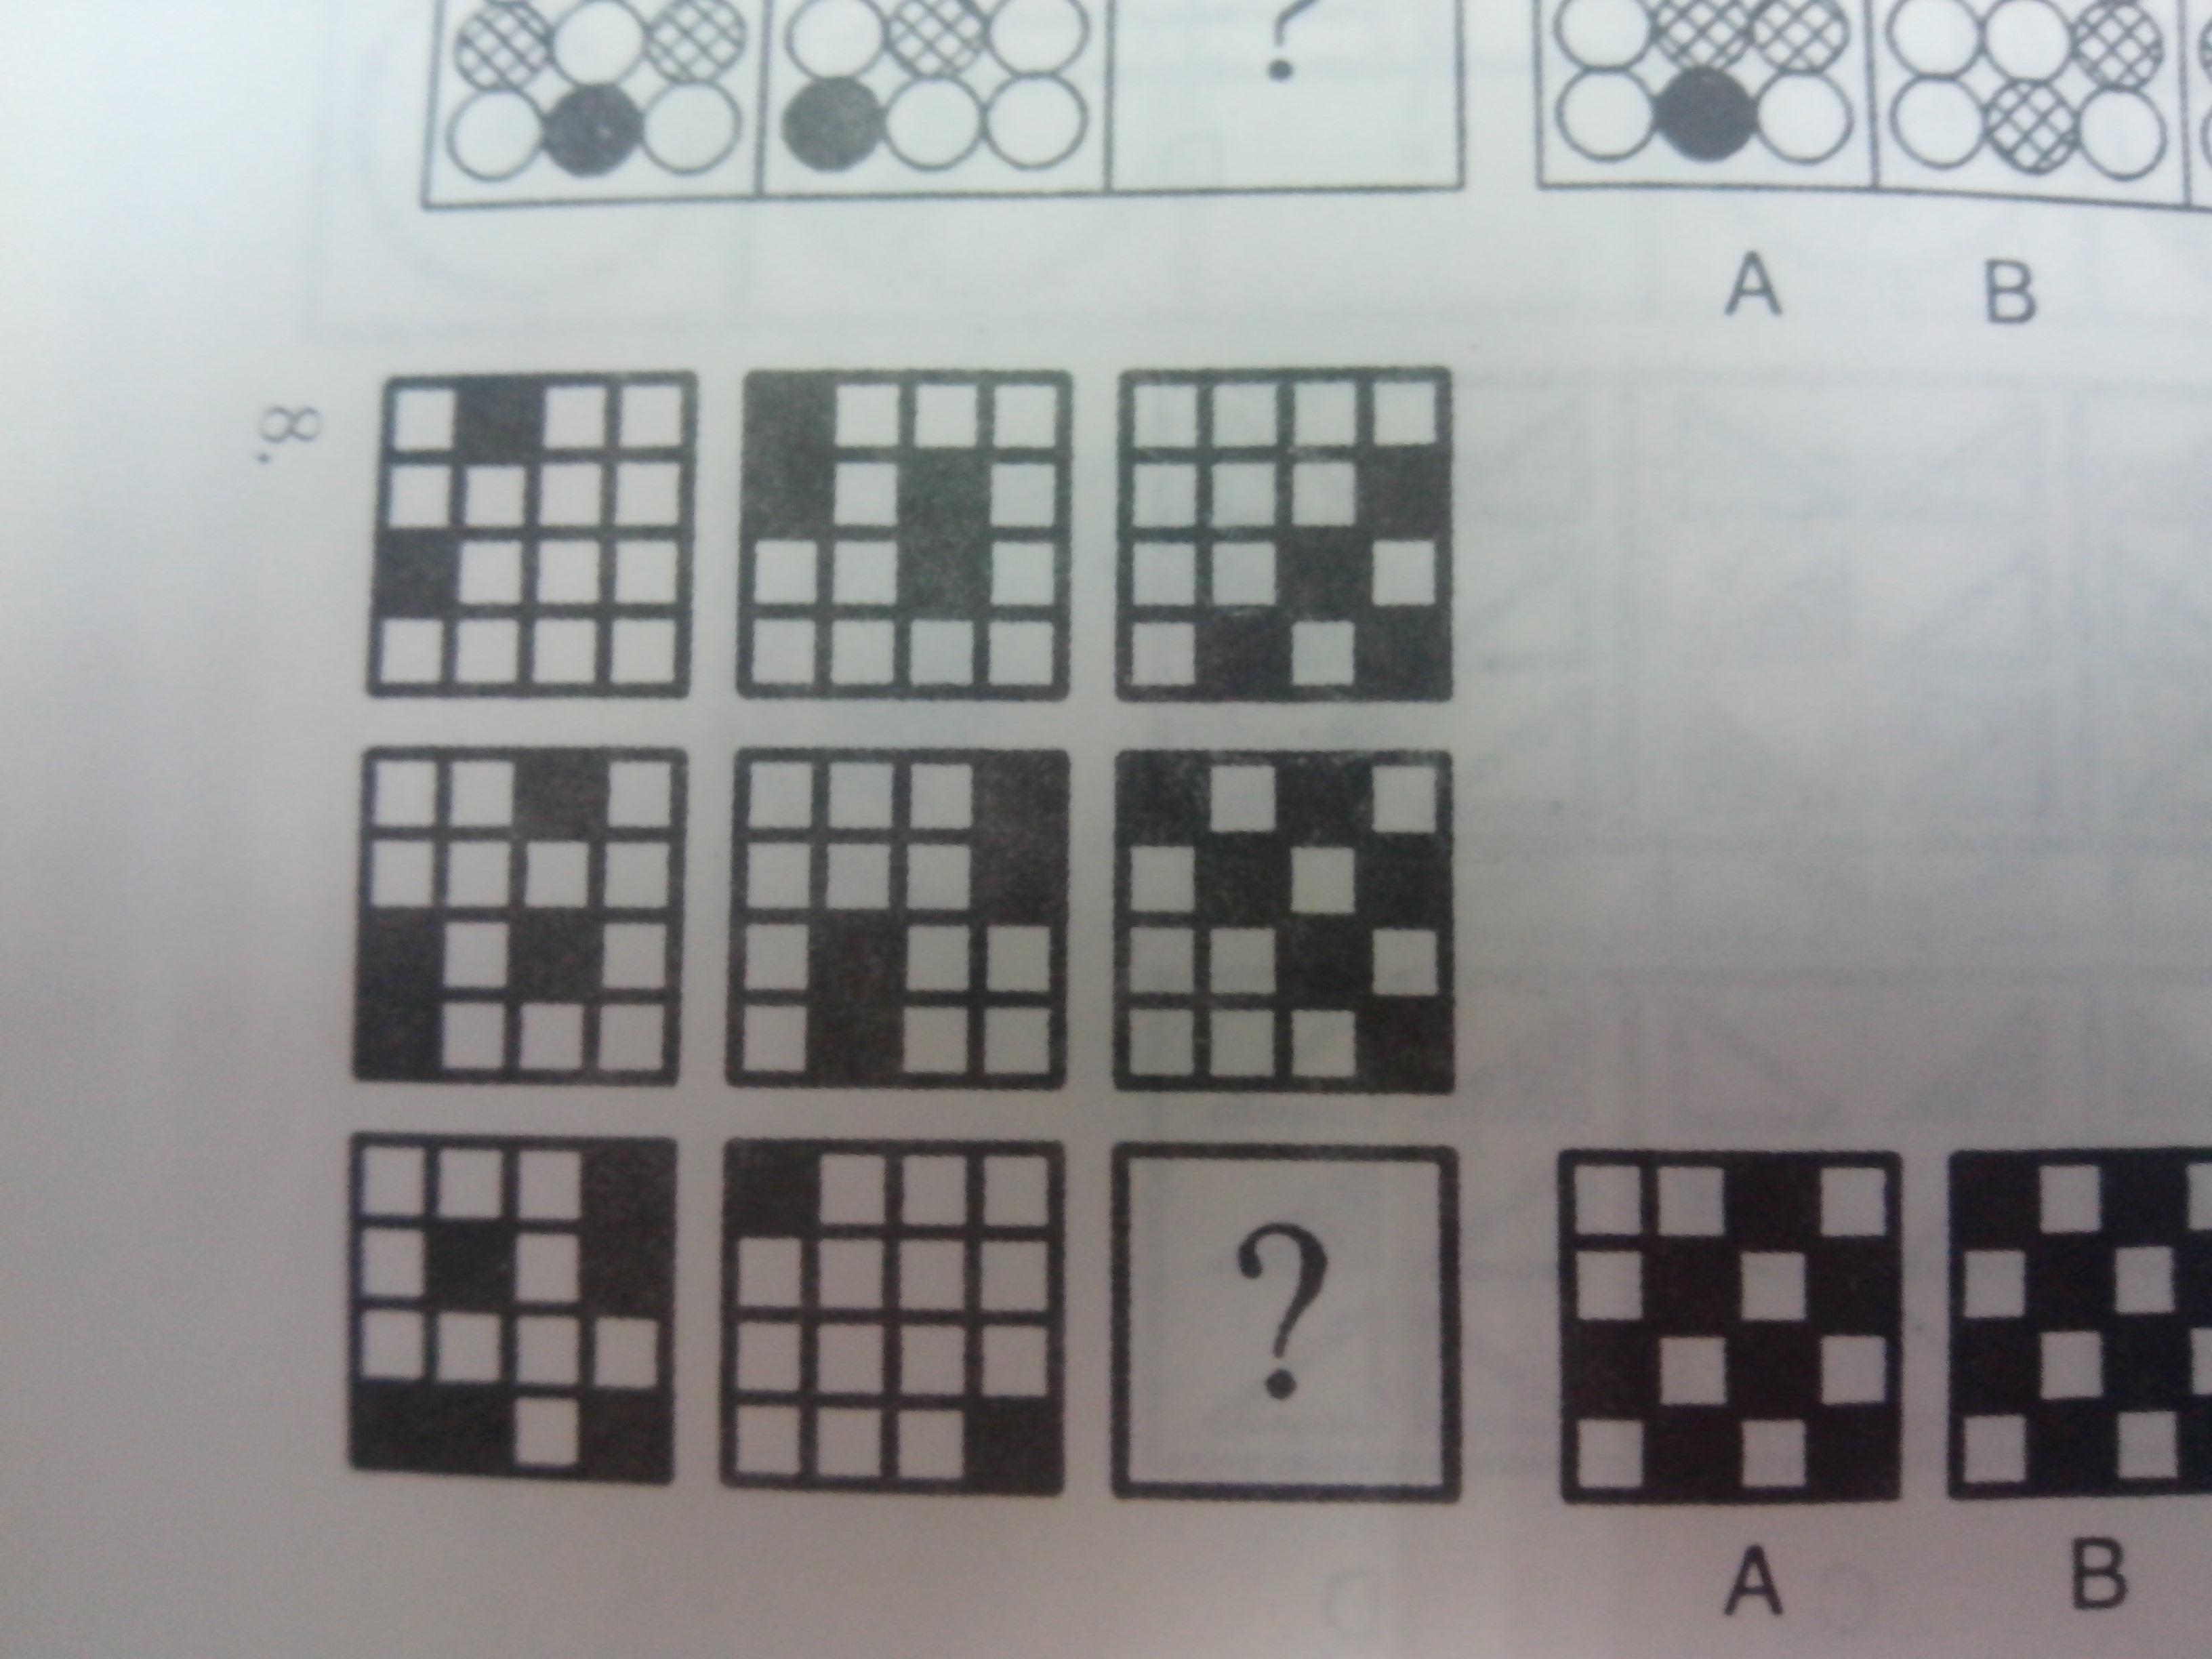 公务员图形推理题 求解答图片